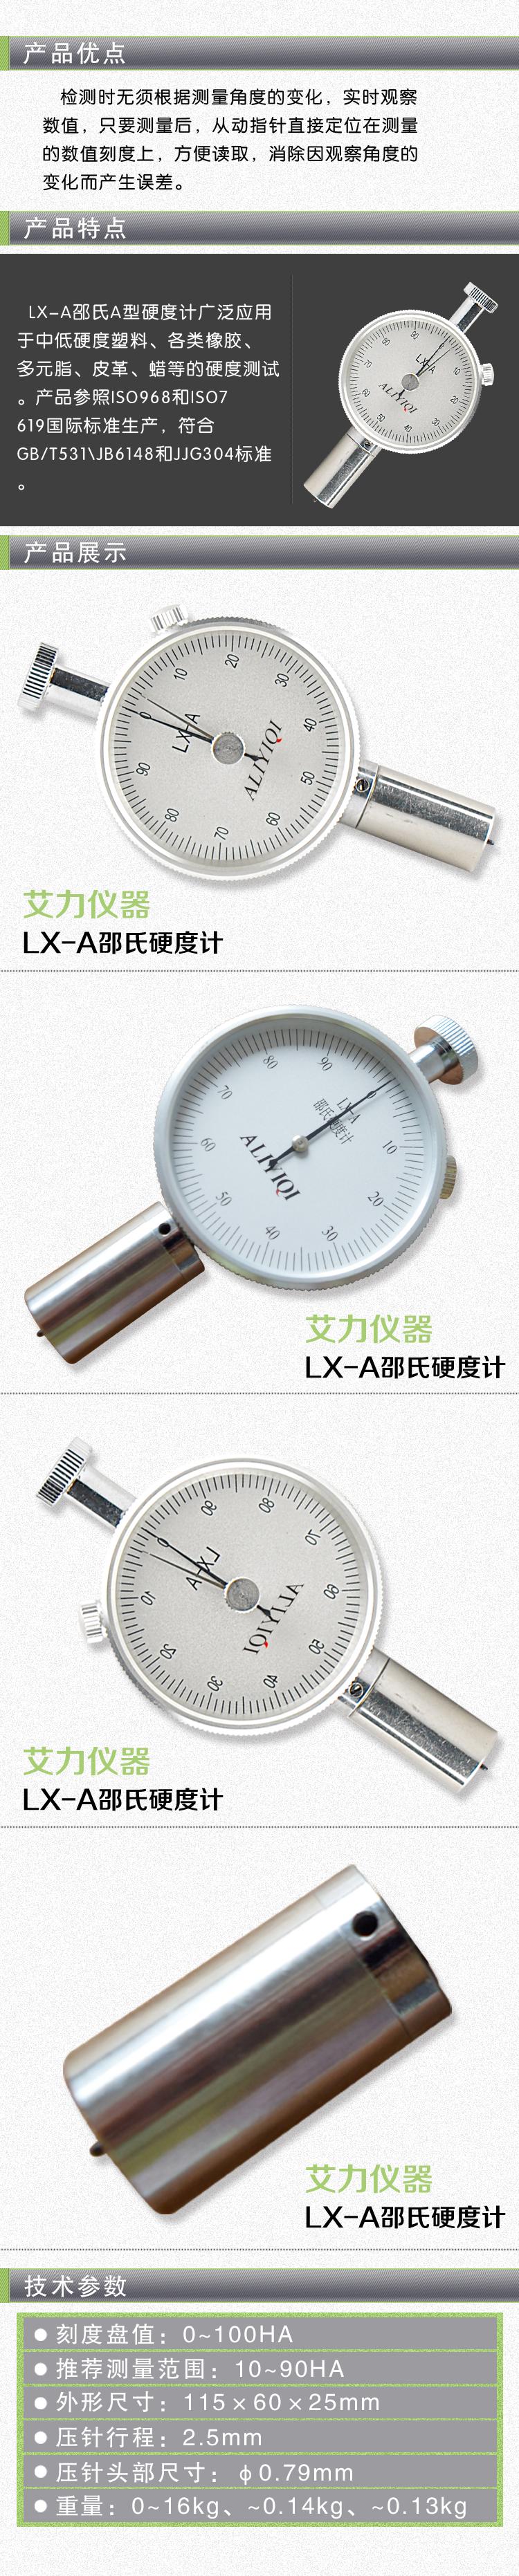 LX-A指针邵氏硬度计